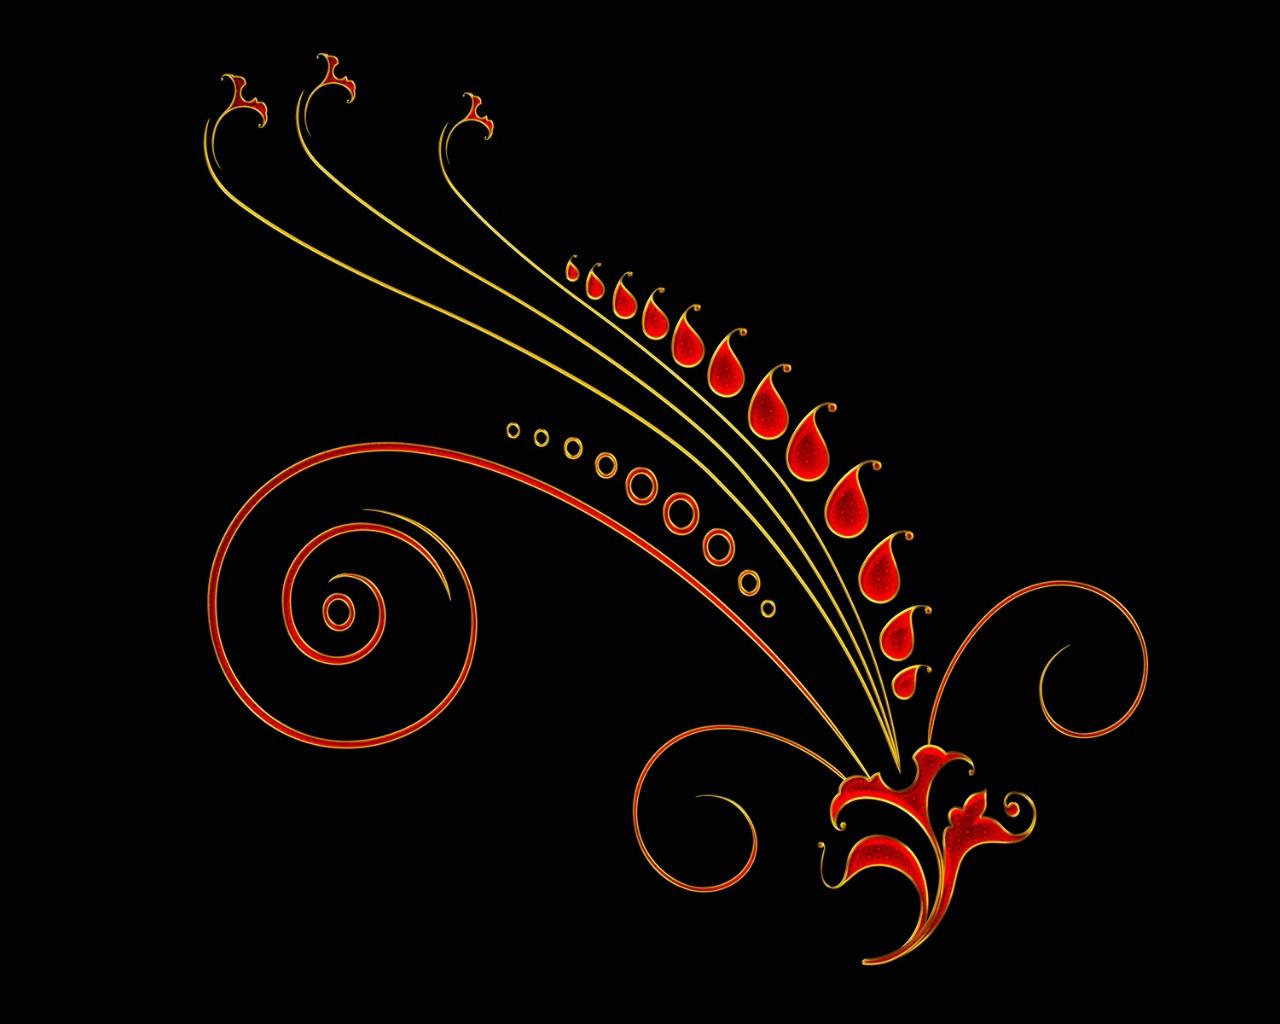 黑底炫彩花纹壁纸壁纸图片-创意壁纸-创意图片素材